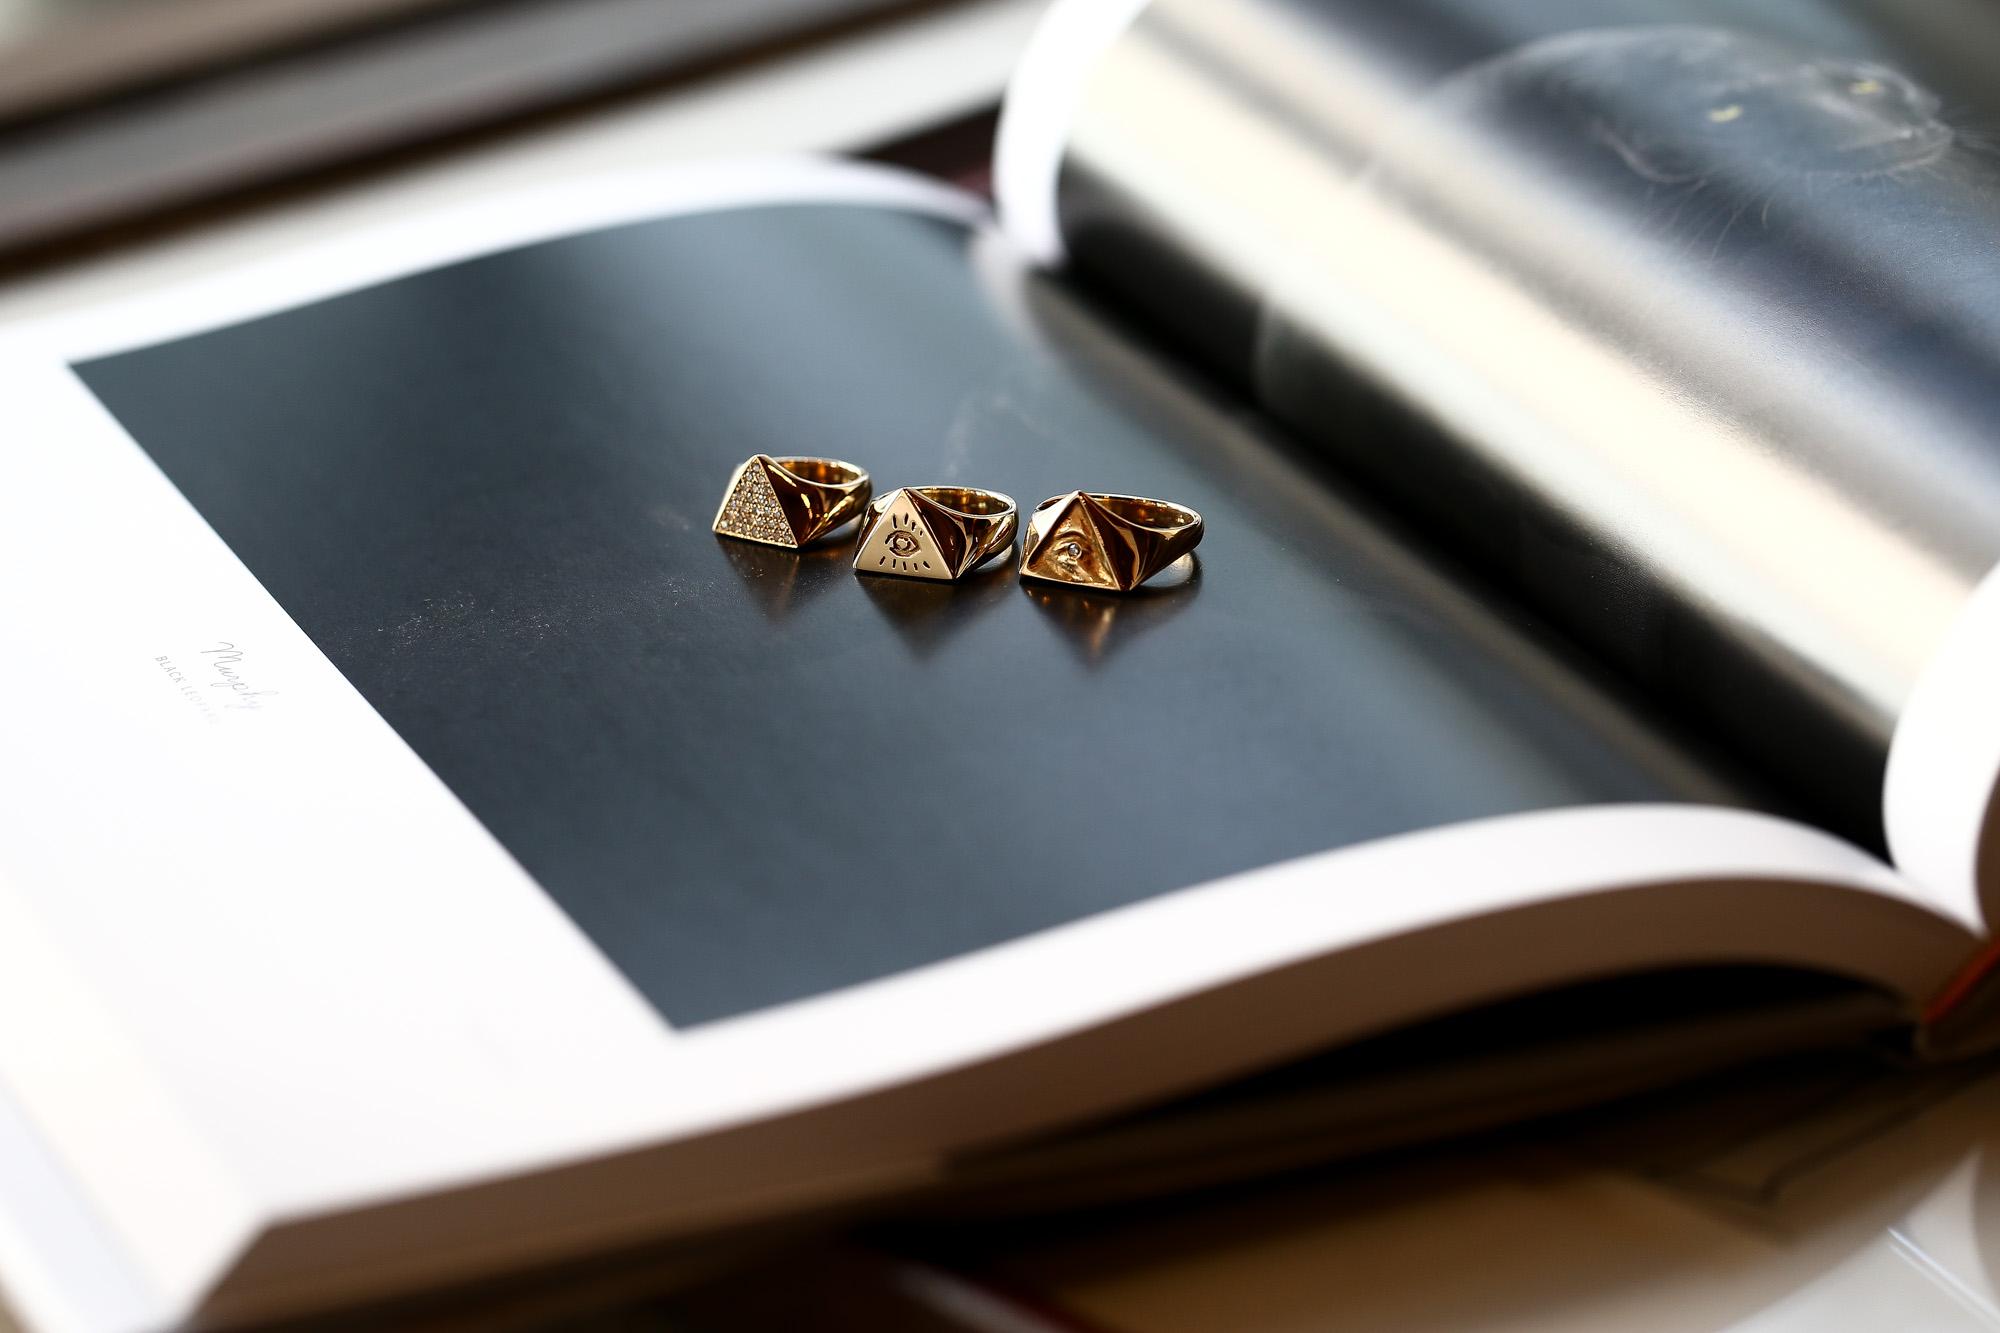 """FIXER """"ILLUMINATI EYES RING FULL PAVE WHITE DIAMOND 22K GOLD"""" ×  FIXER """"ILLUMINATI EYES RING 18K GOLD"""" × FIXER """"ILLUMINATI EYES RING WHITE DIAMOND 18K GOLD SP"""" イルミナティ アイズリング ホワイトフルパヴェ ダイヤモンド ゴールド 愛知 名古屋 altoediritto アルトエデリット スペシャルリング コレクション"""